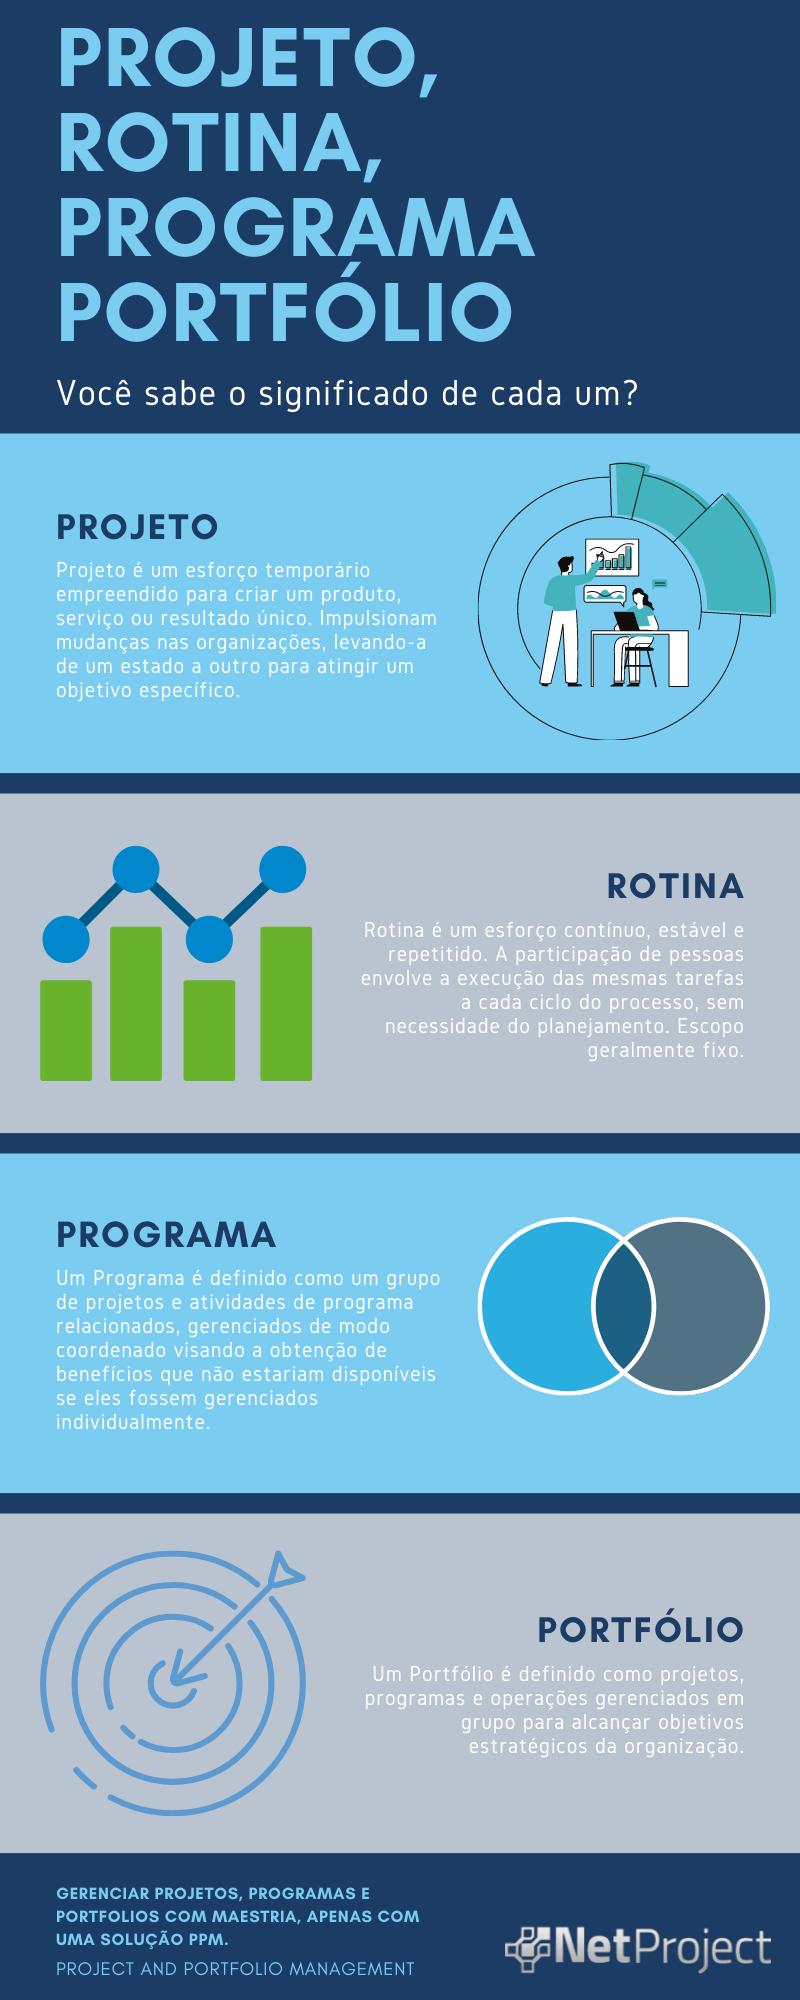 Qual a diferença entre Projeto, Rotina, Programa e Portfólio?